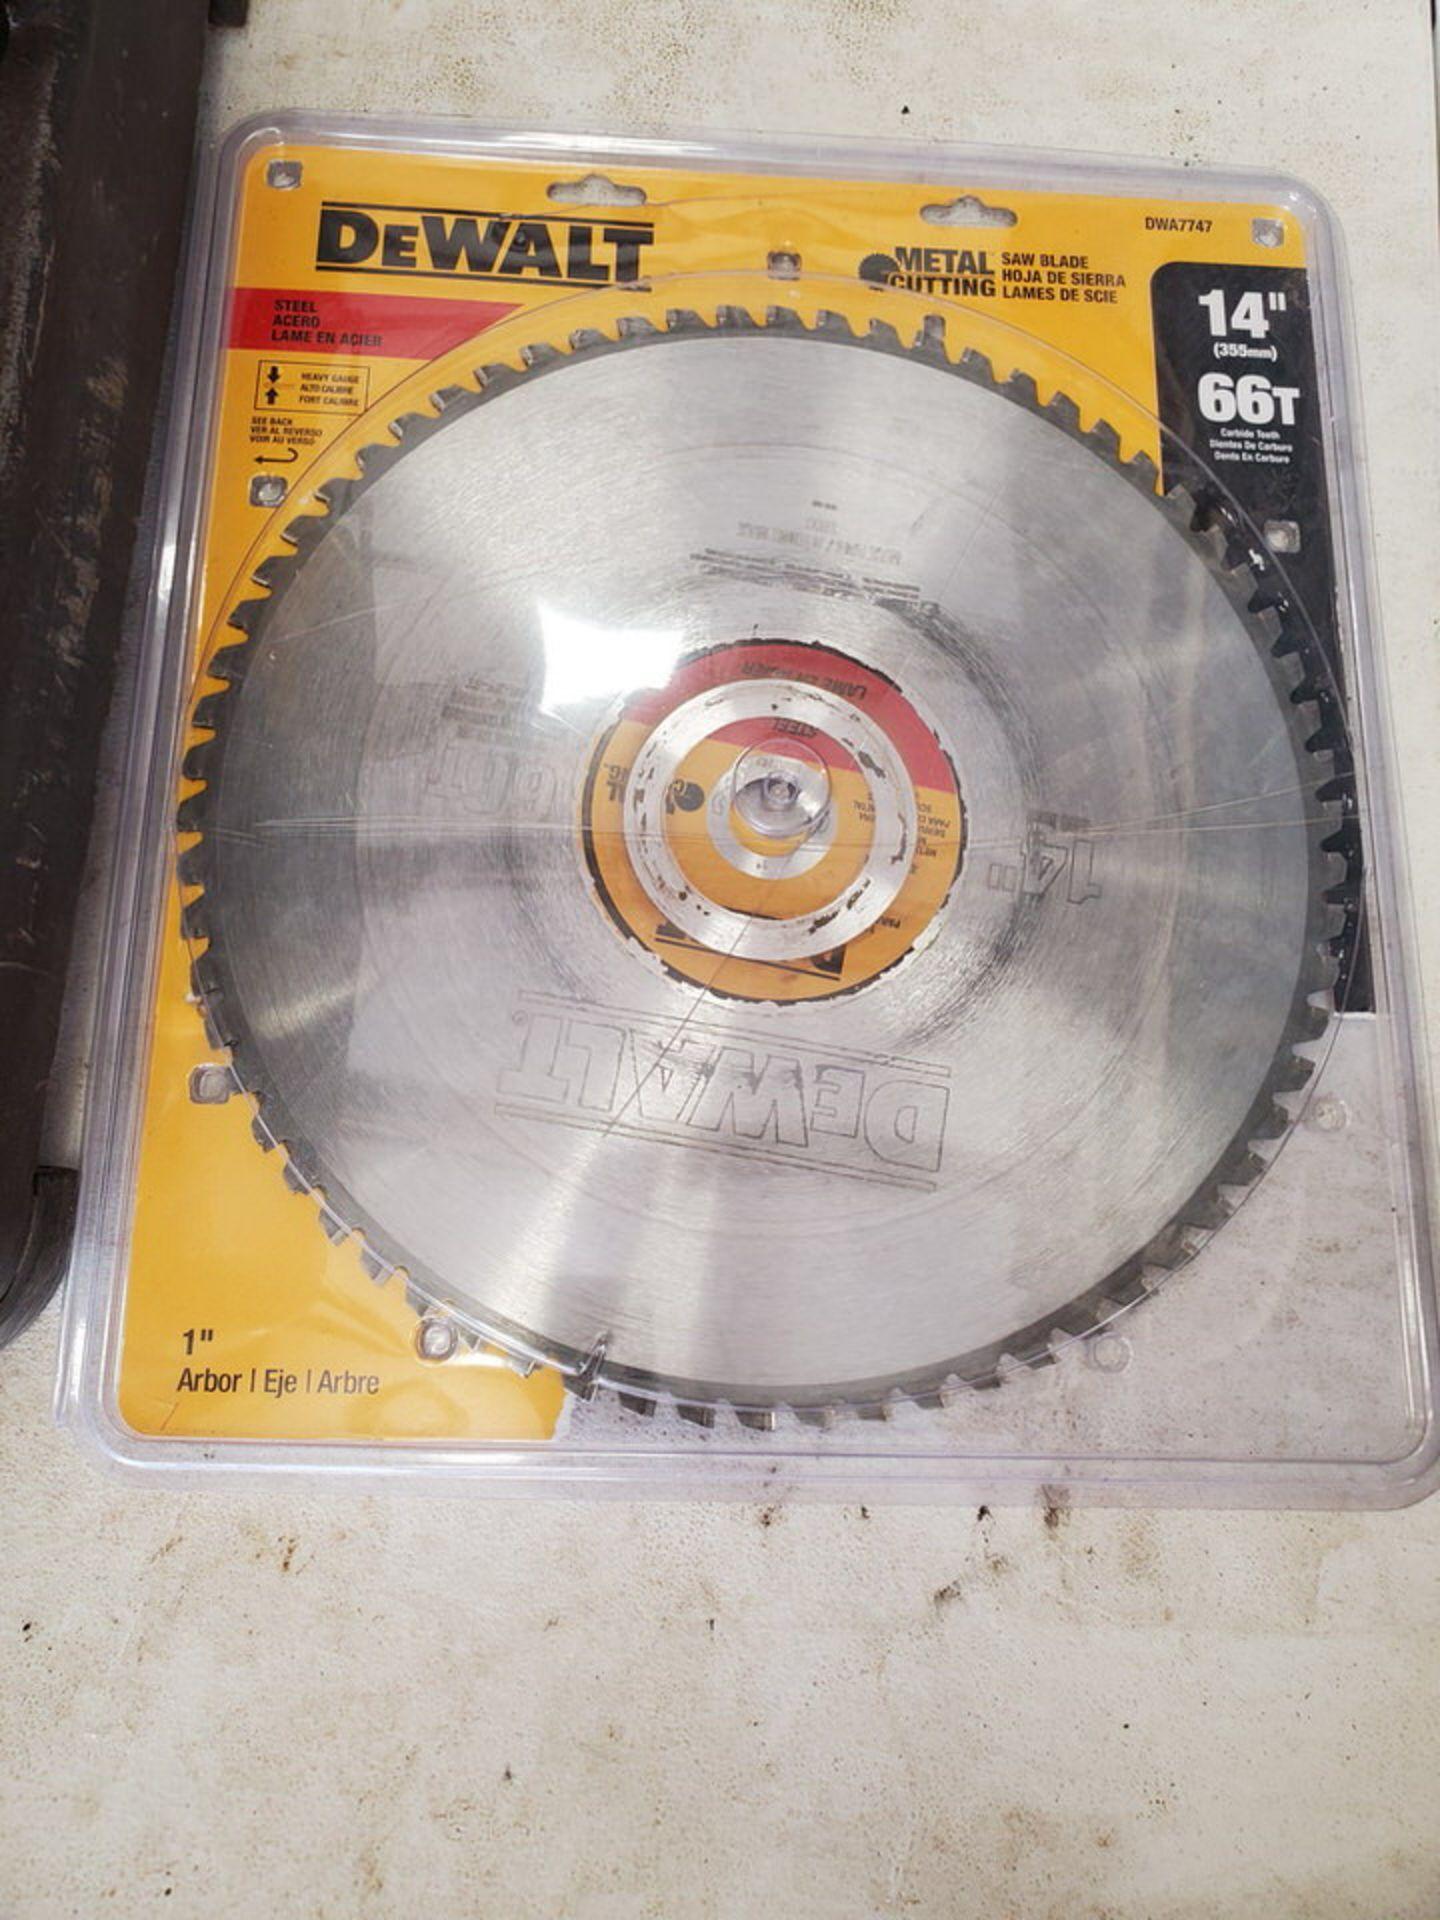 """Dewalt 14"""" Chop Saw 120V, 15A, 1300RPM - Image 3 of 4"""